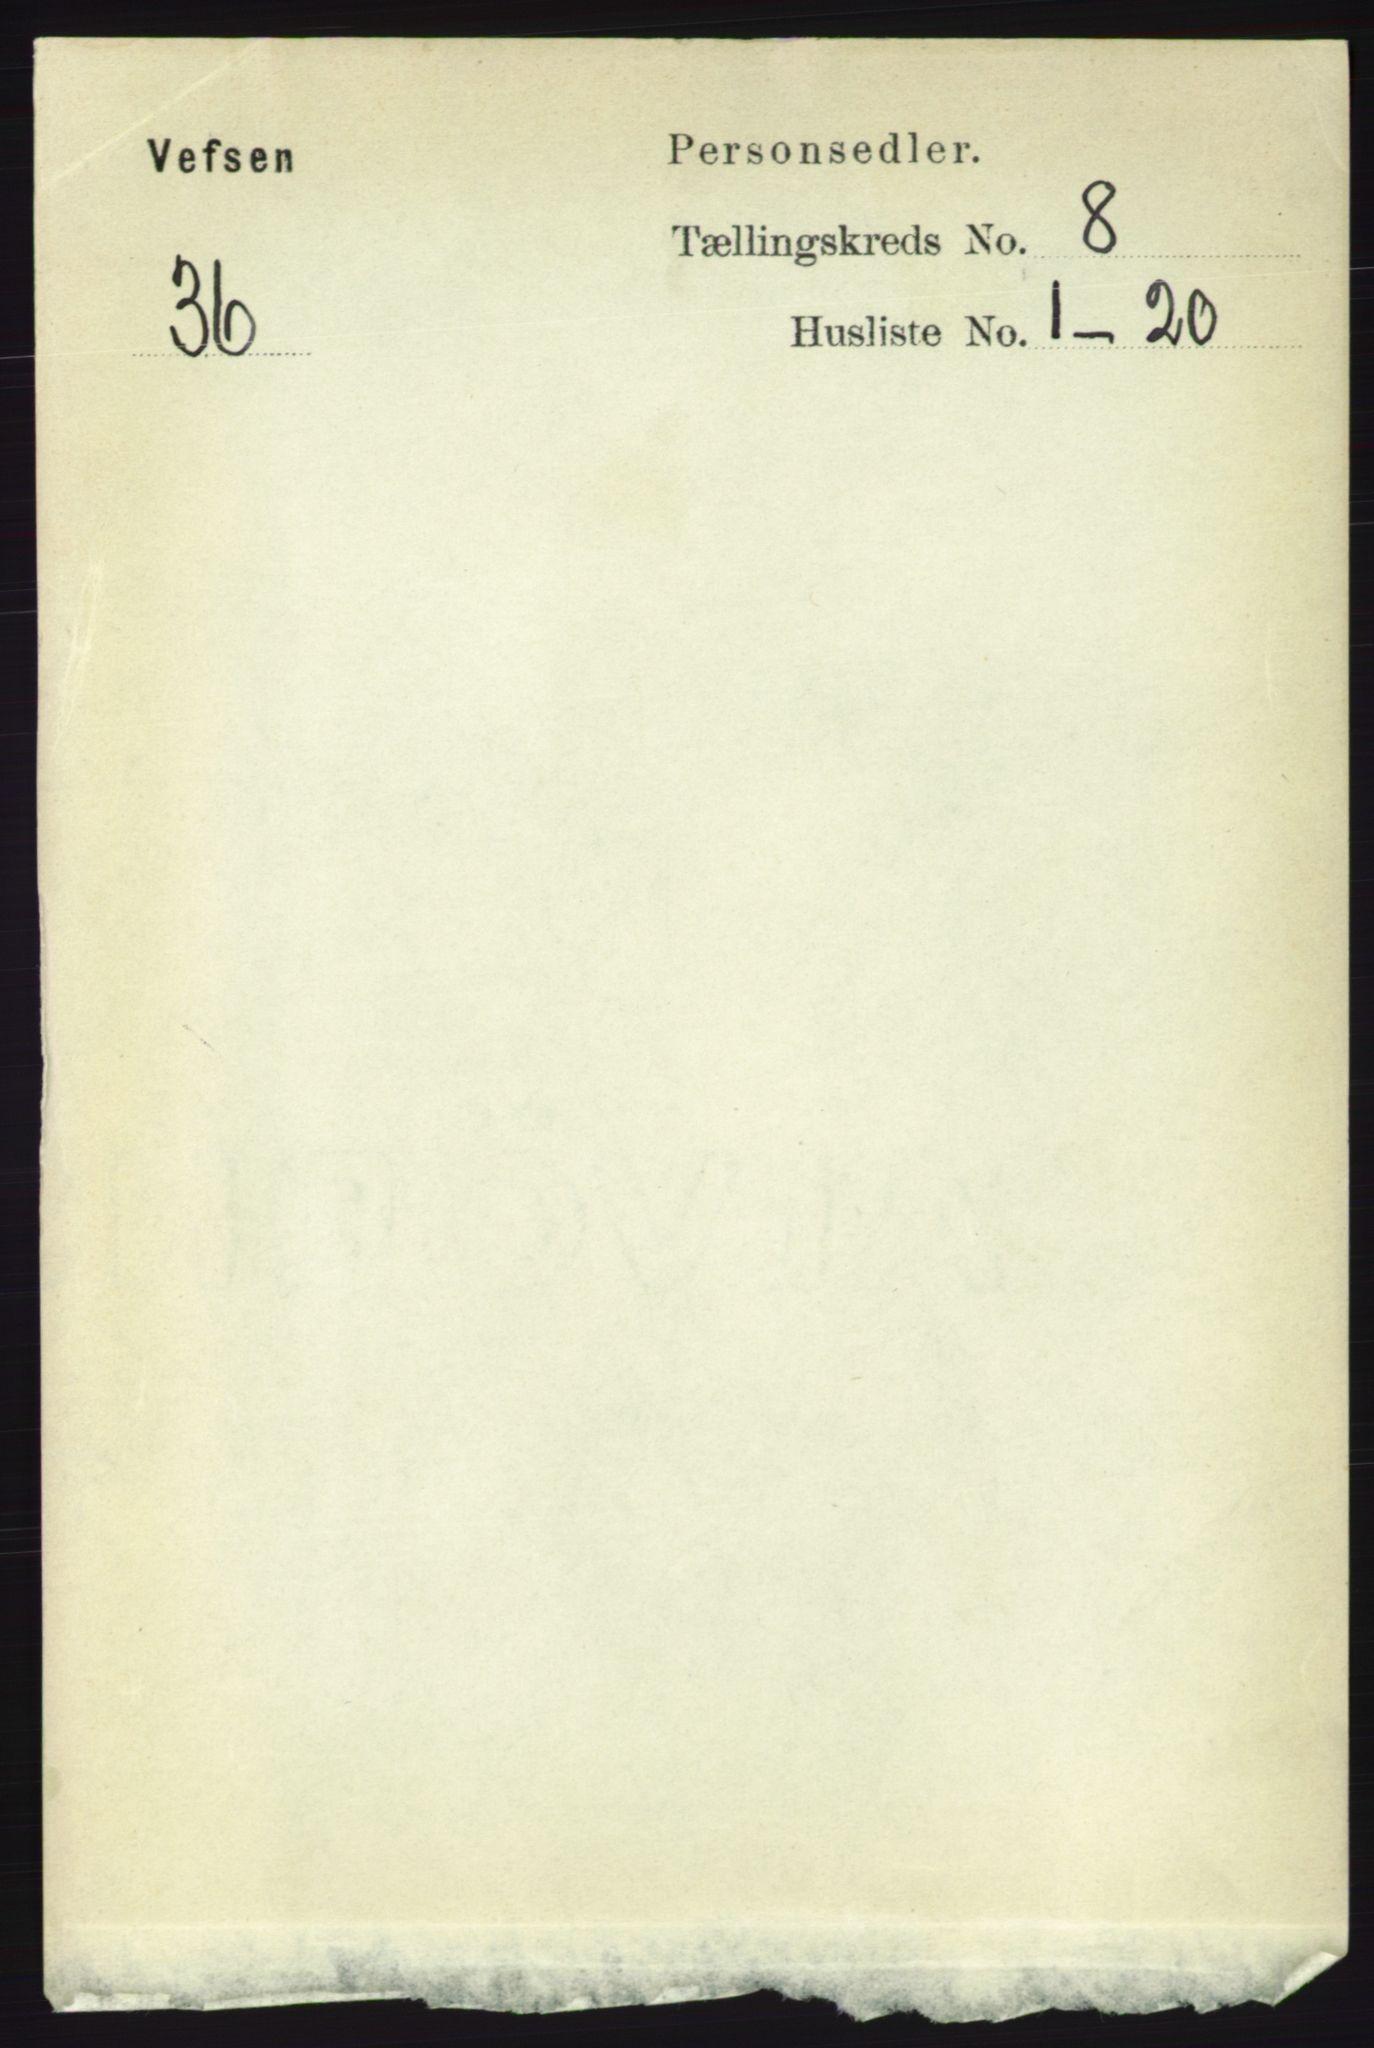 RA, Folketelling 1891 for 1824 Vefsn herred, 1891, s. 4235